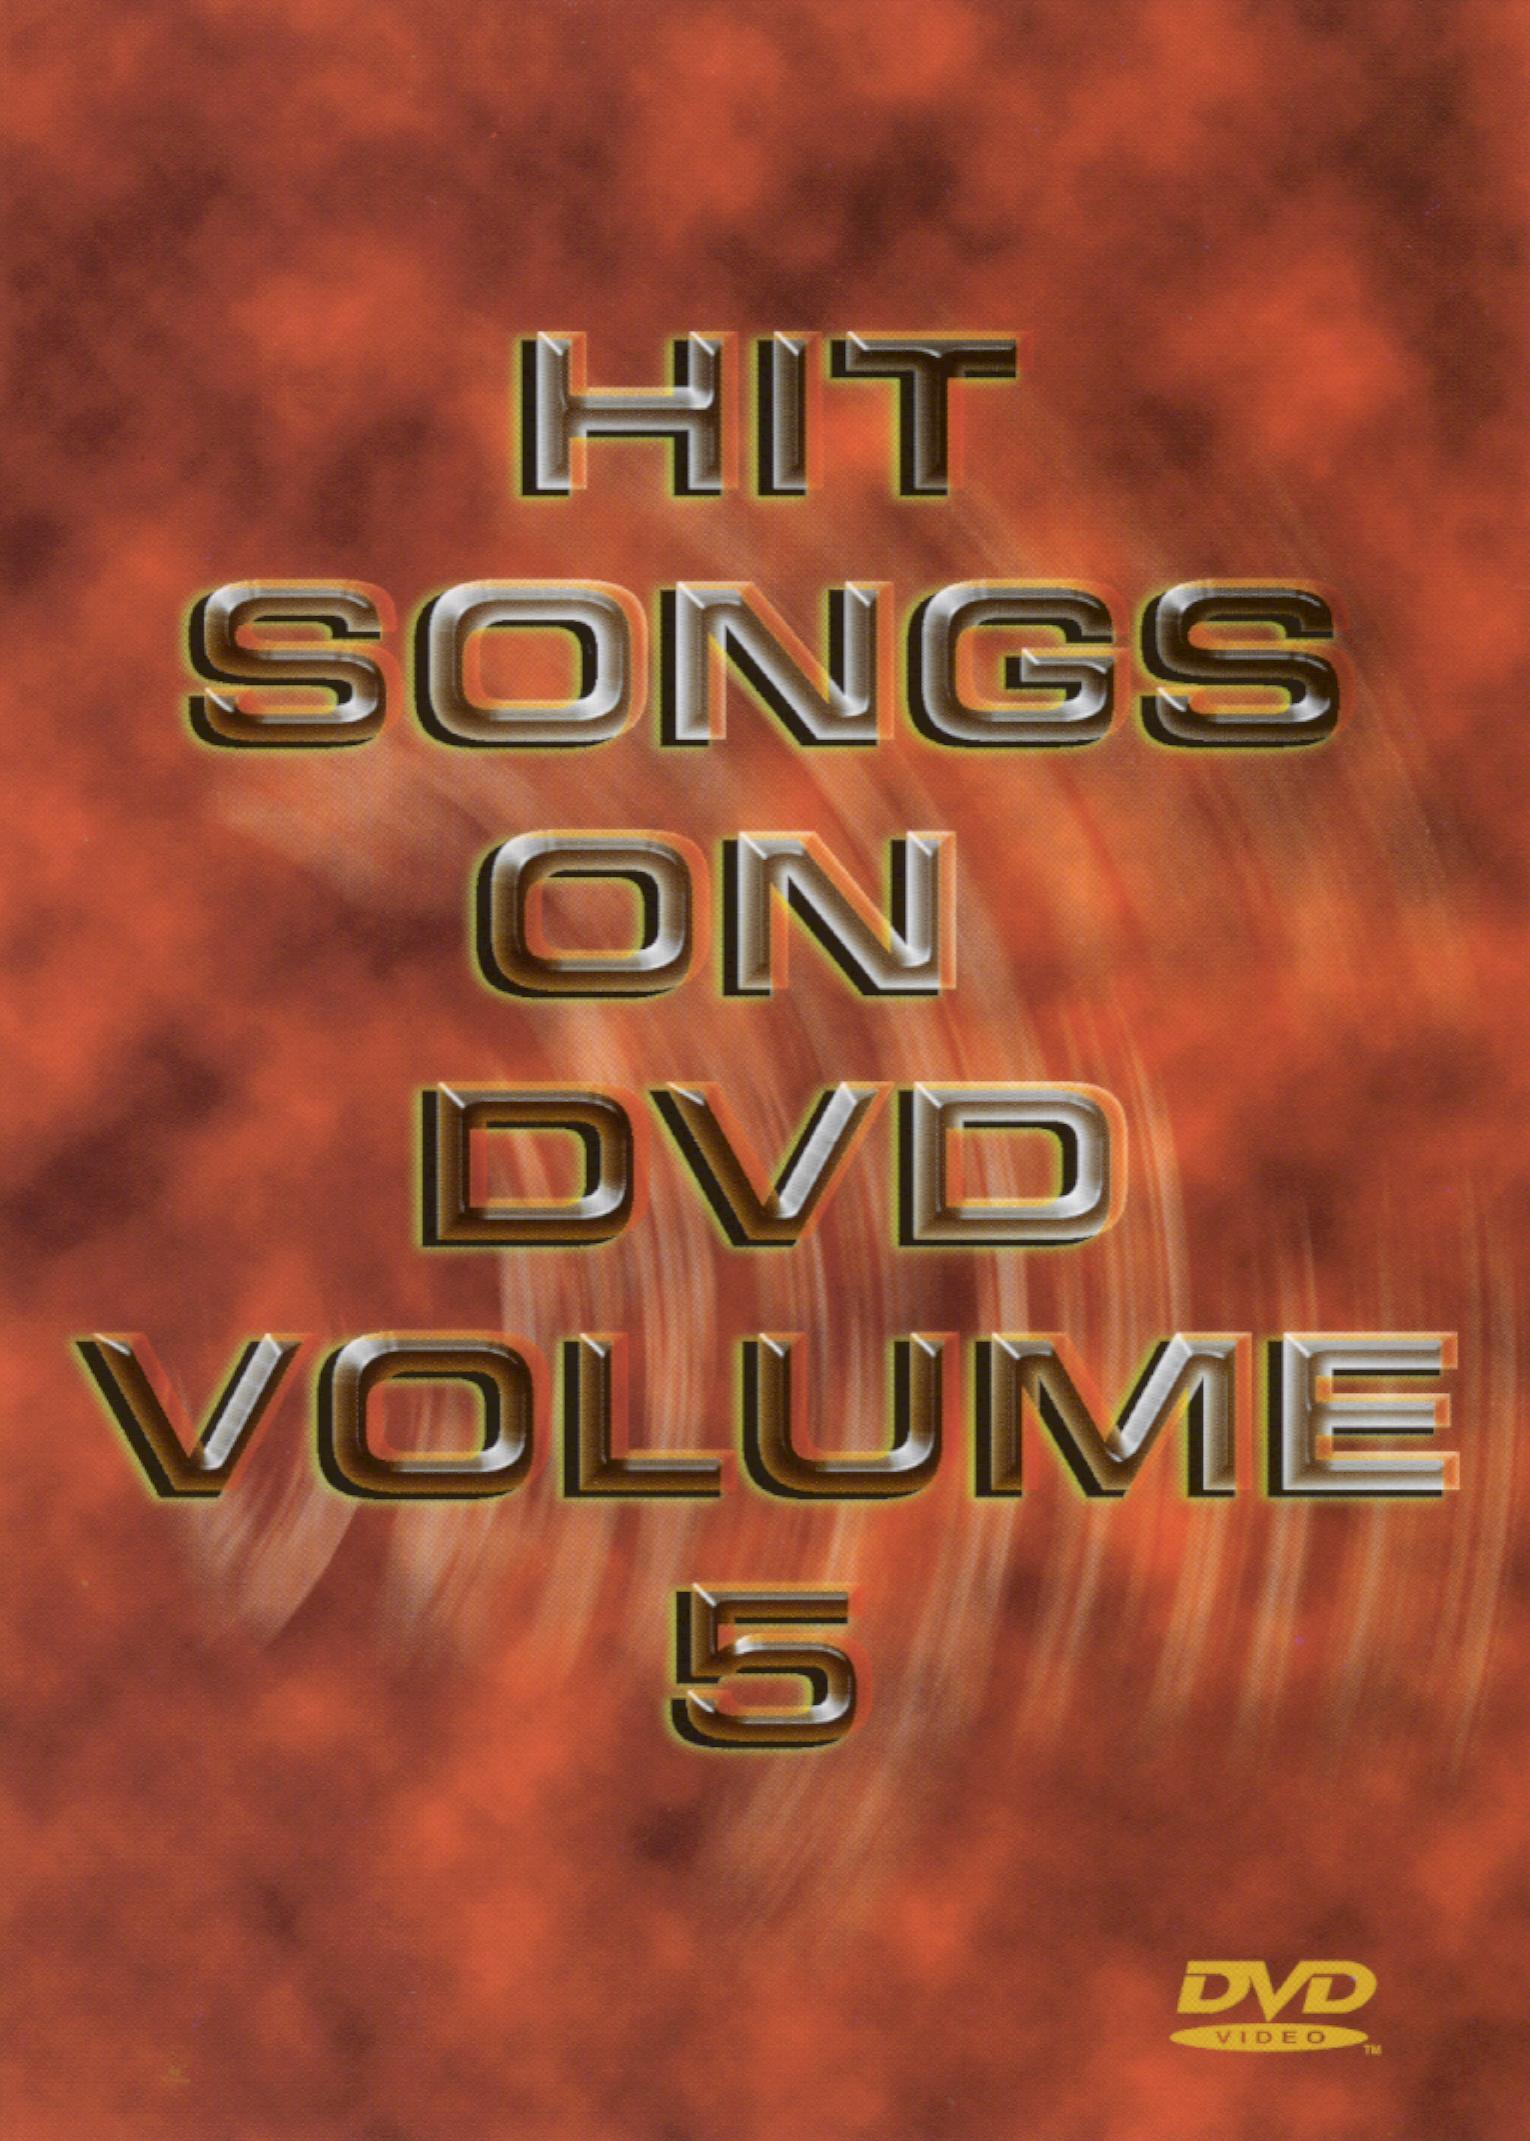 Hit Songs on DVD, Vol. 5